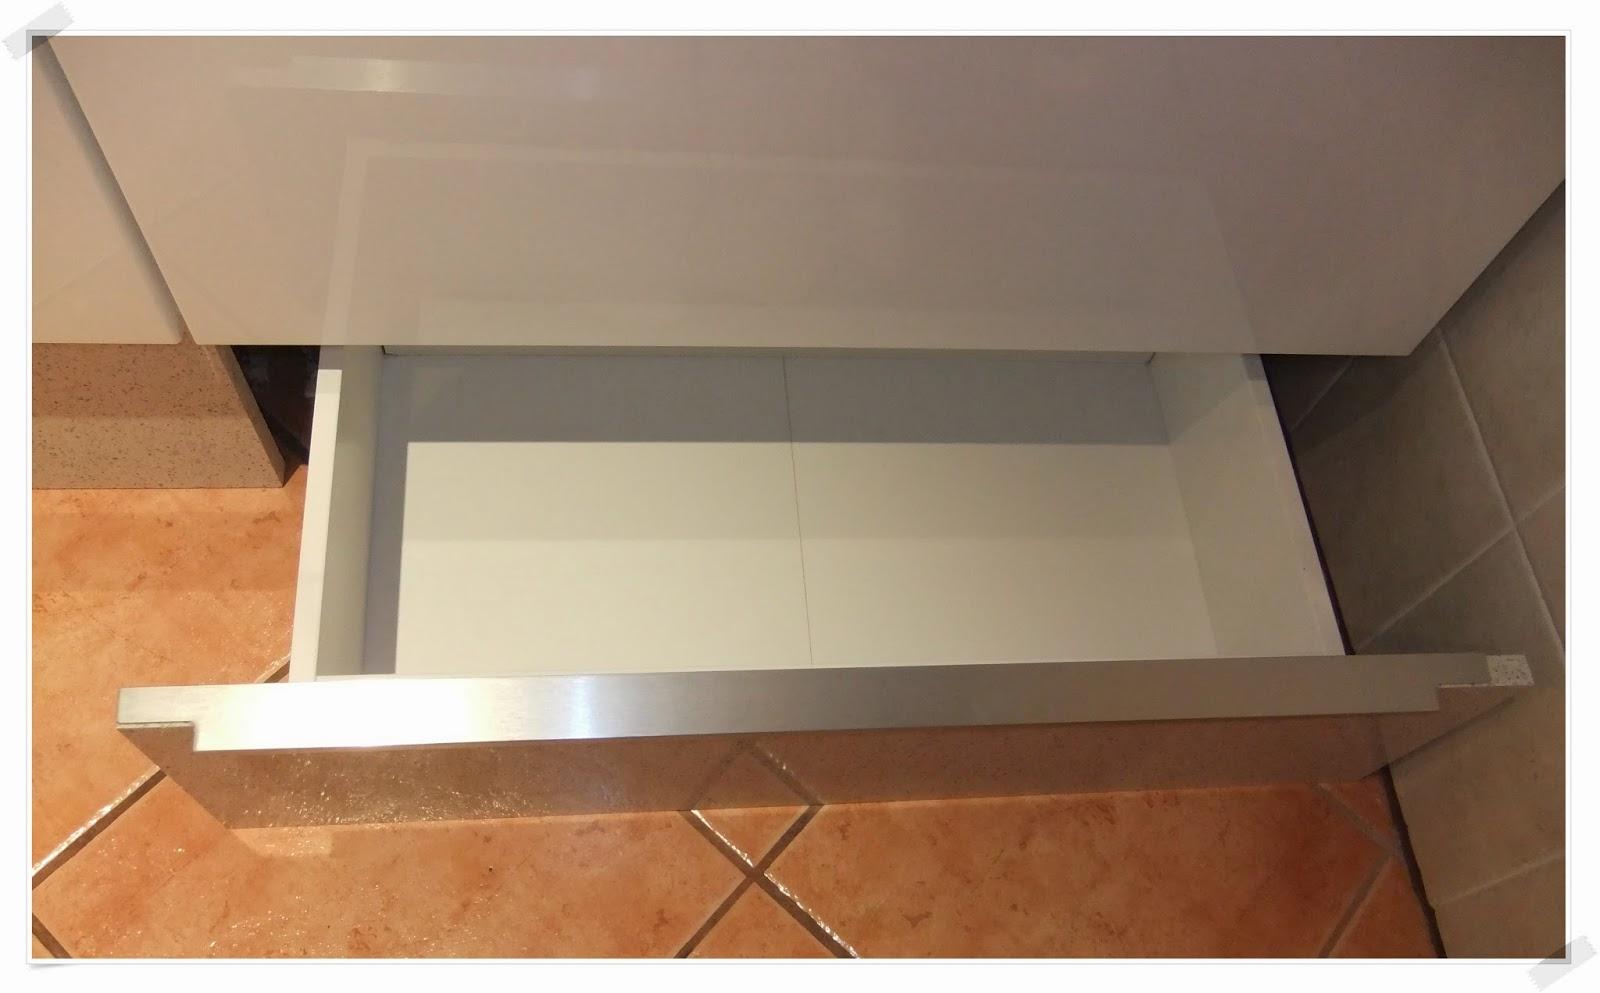 M s espacio para guardar en la cocina con los cajones - Cajones de cocina ikea ...